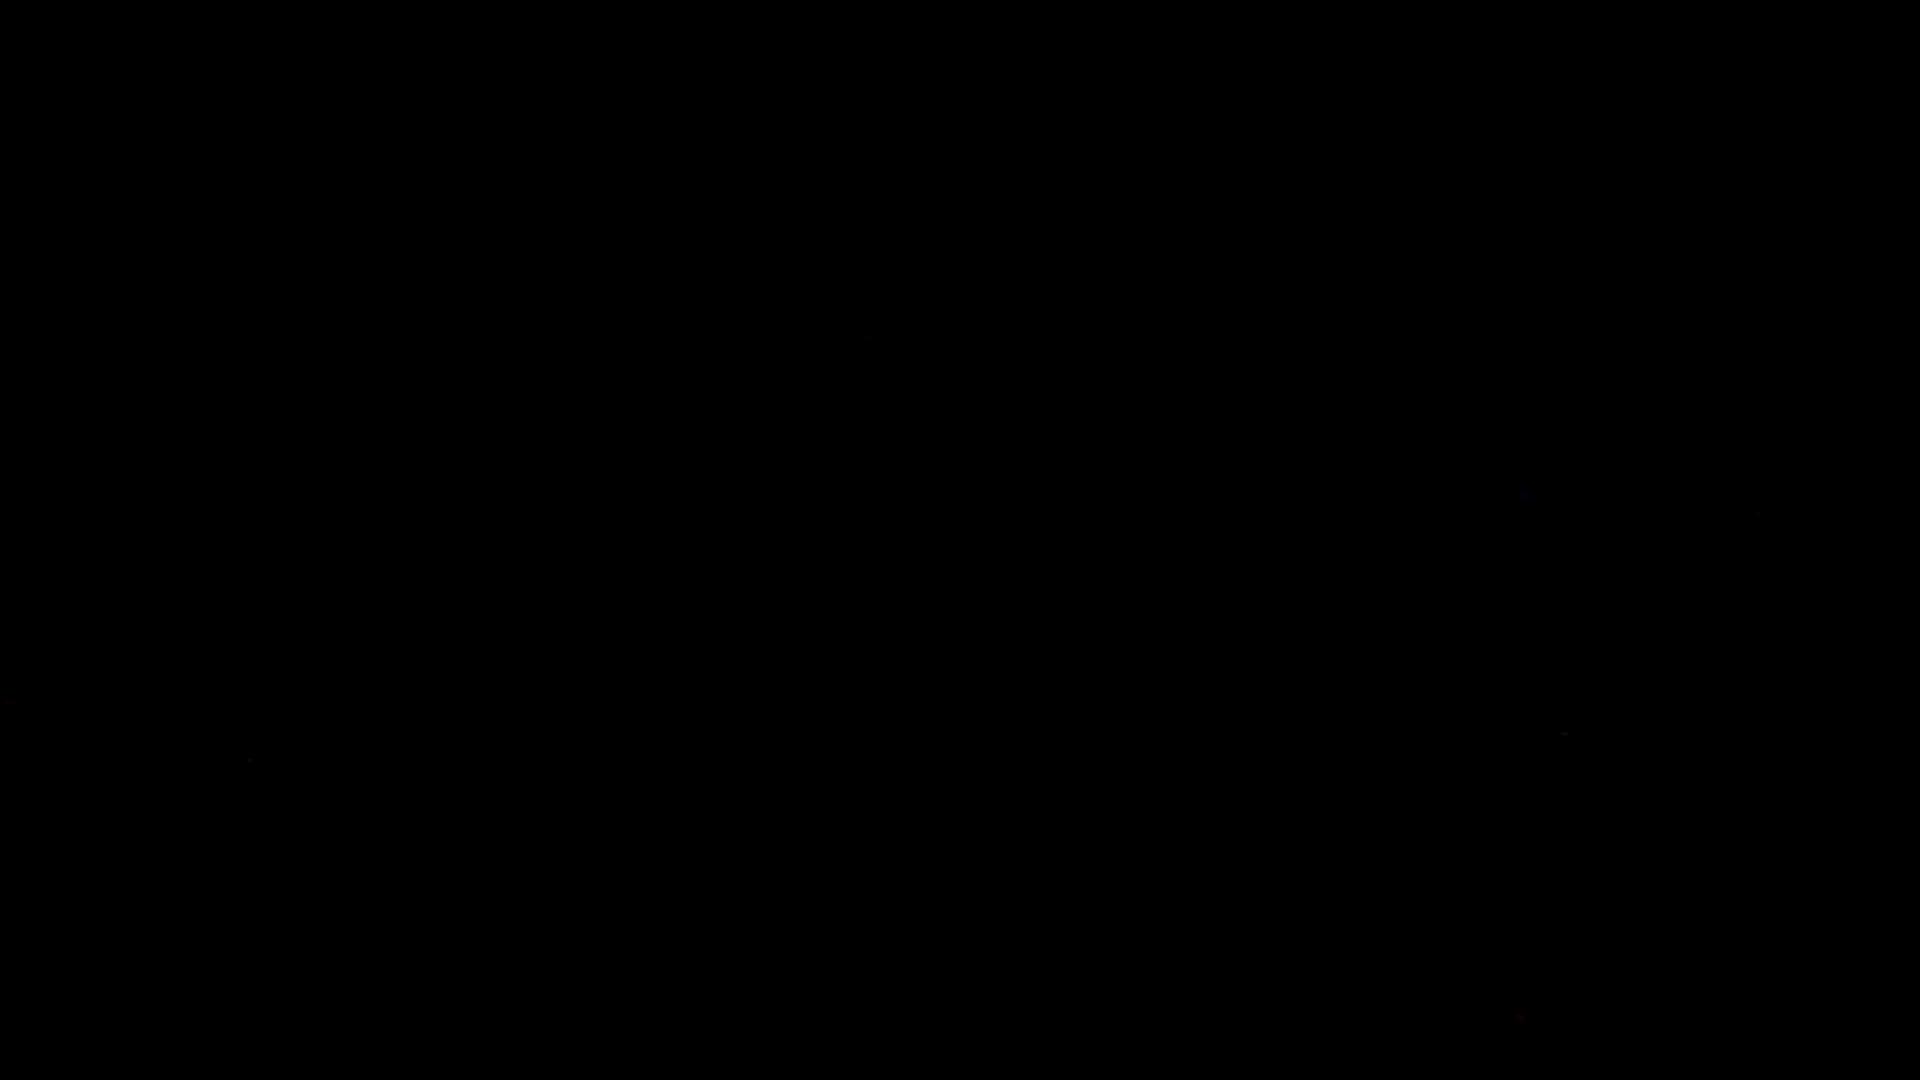 巨根 オナニー塾Vol.16 オナニー アダルトビデオ画像キャプチャ 106枚 31